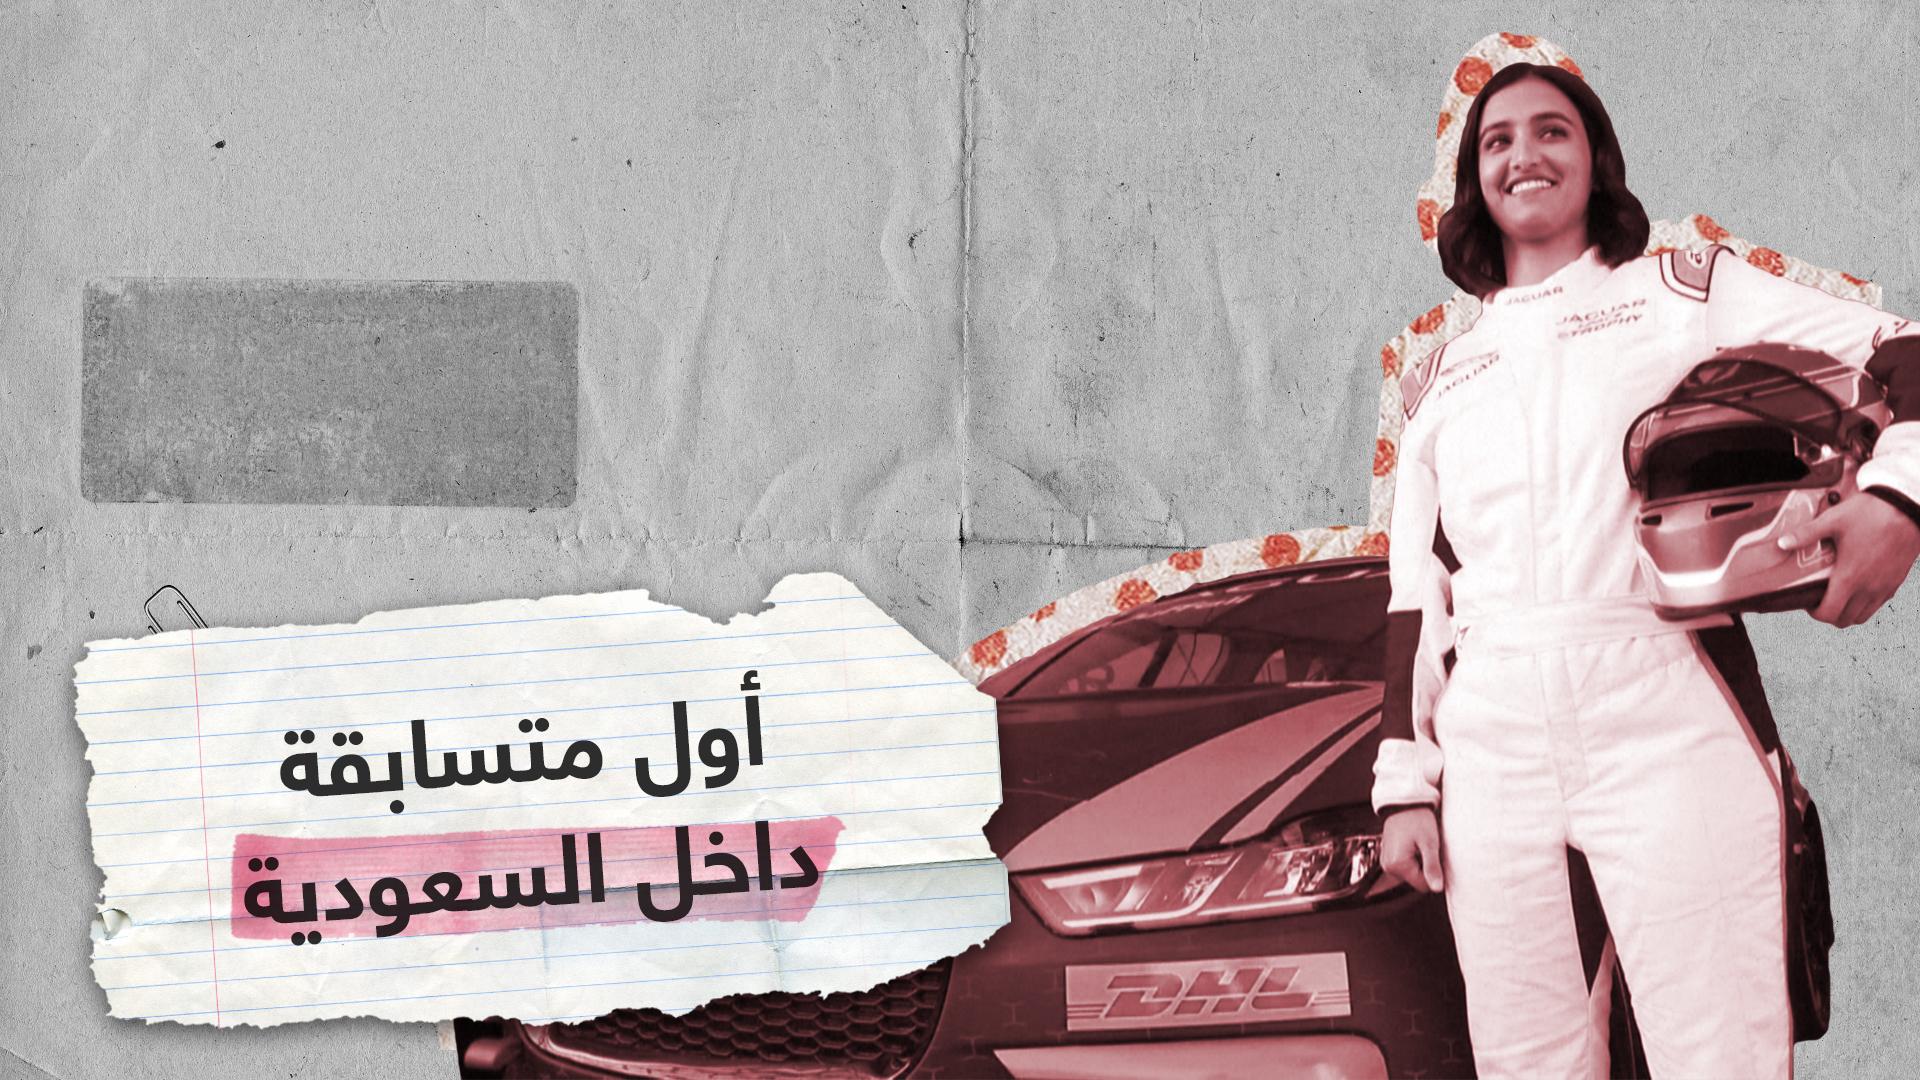 ريما الجفالي.. أول سعودية تشارك بسباقات السرعة في السعودية